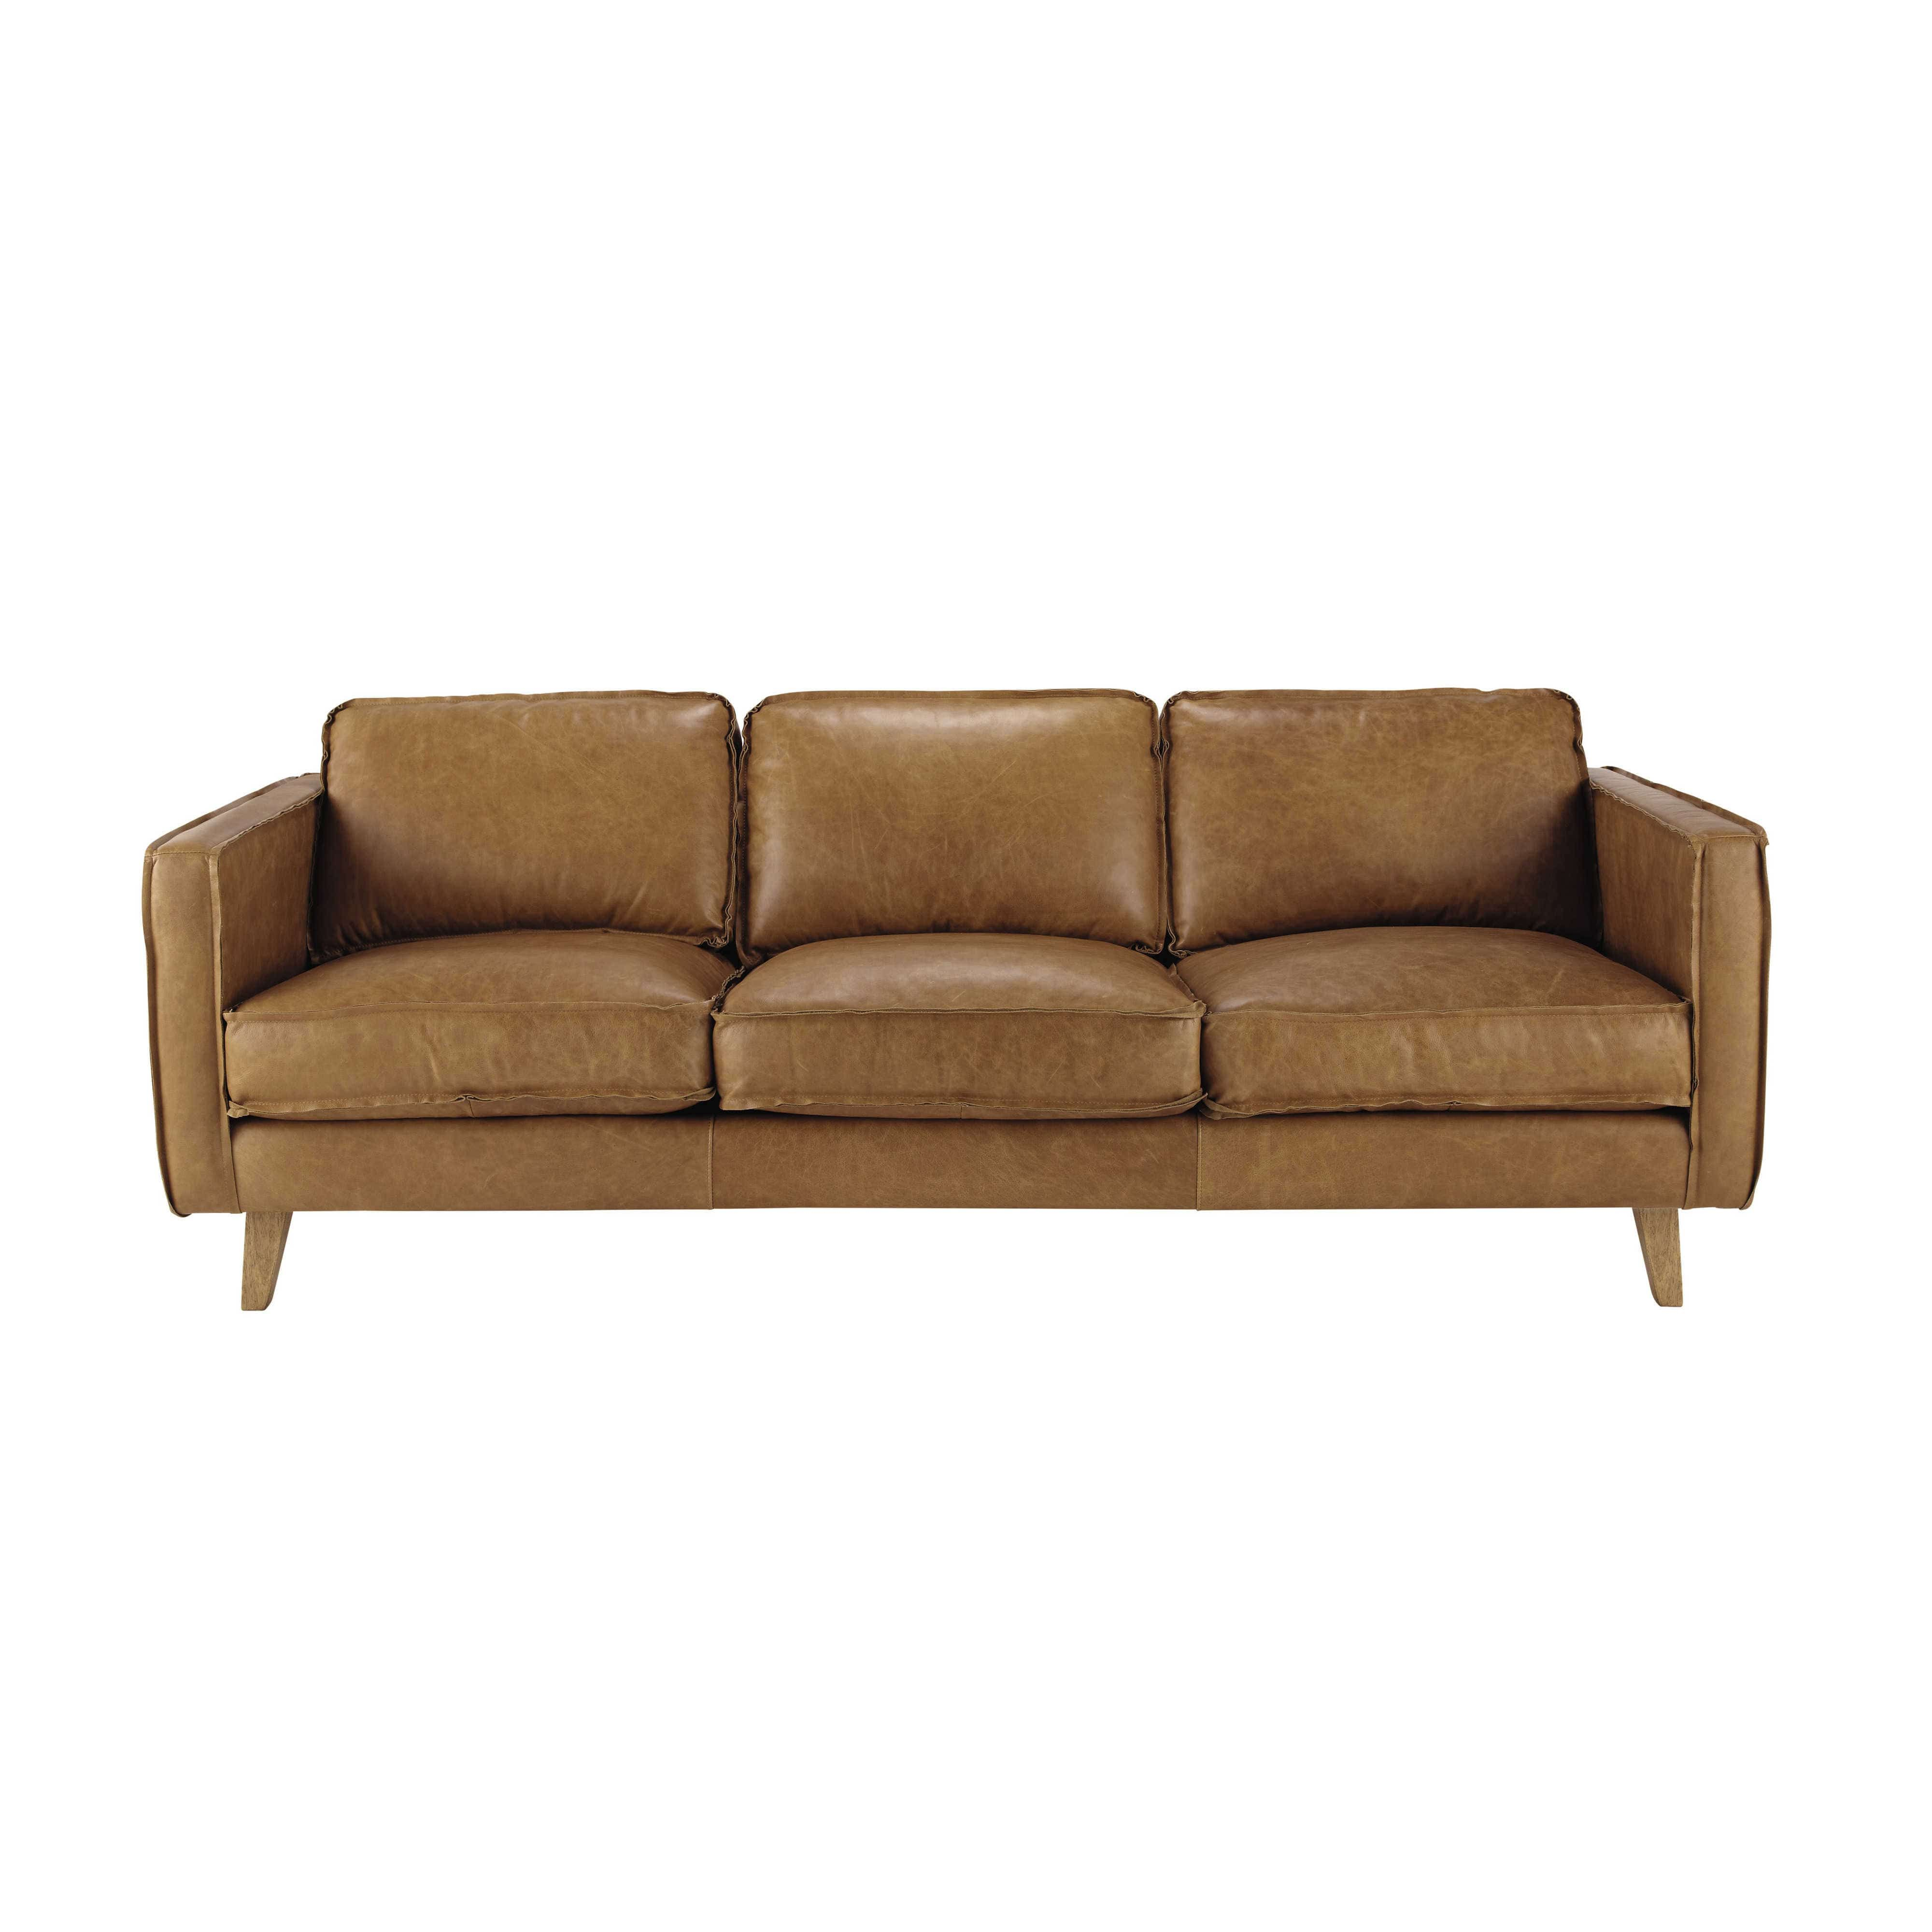 Vintage Sofa 3 Sitzer Aus Leder Camelfarben Jetzt Bestellen Unter Moebelladendirektde Wohnzimmer Sofas 2 Und Uid885b332f 9485